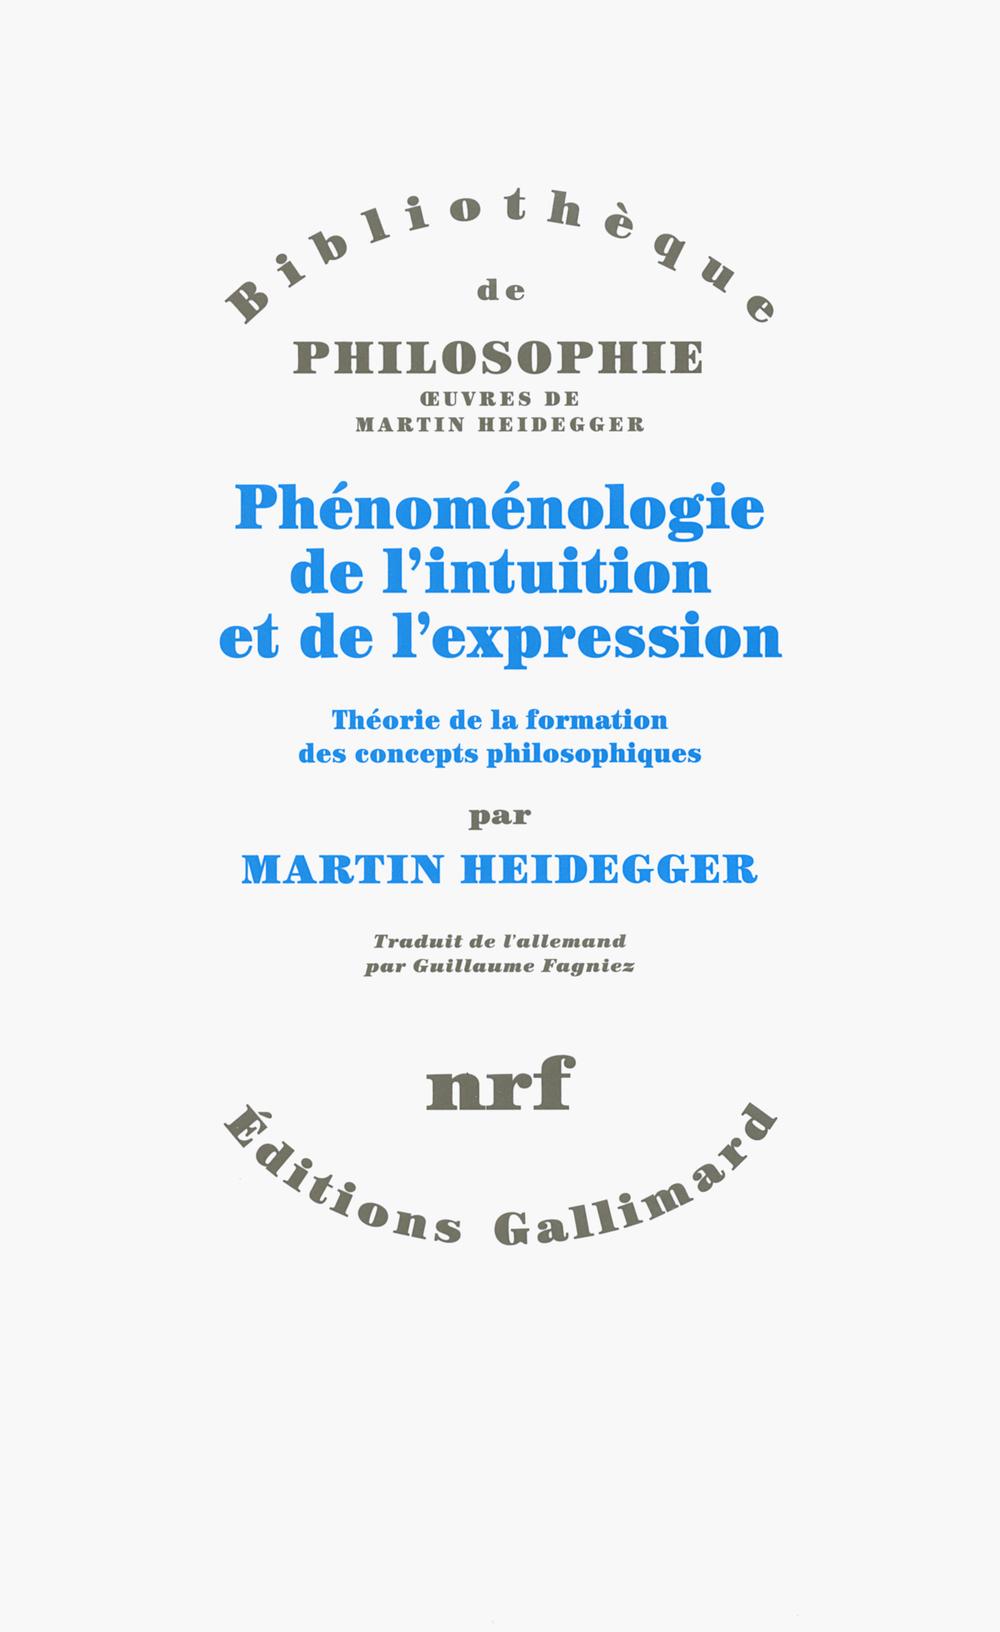 Phénoménologie de l'intuition et de l'expression. Théorie de la formation des concepts philosophiques